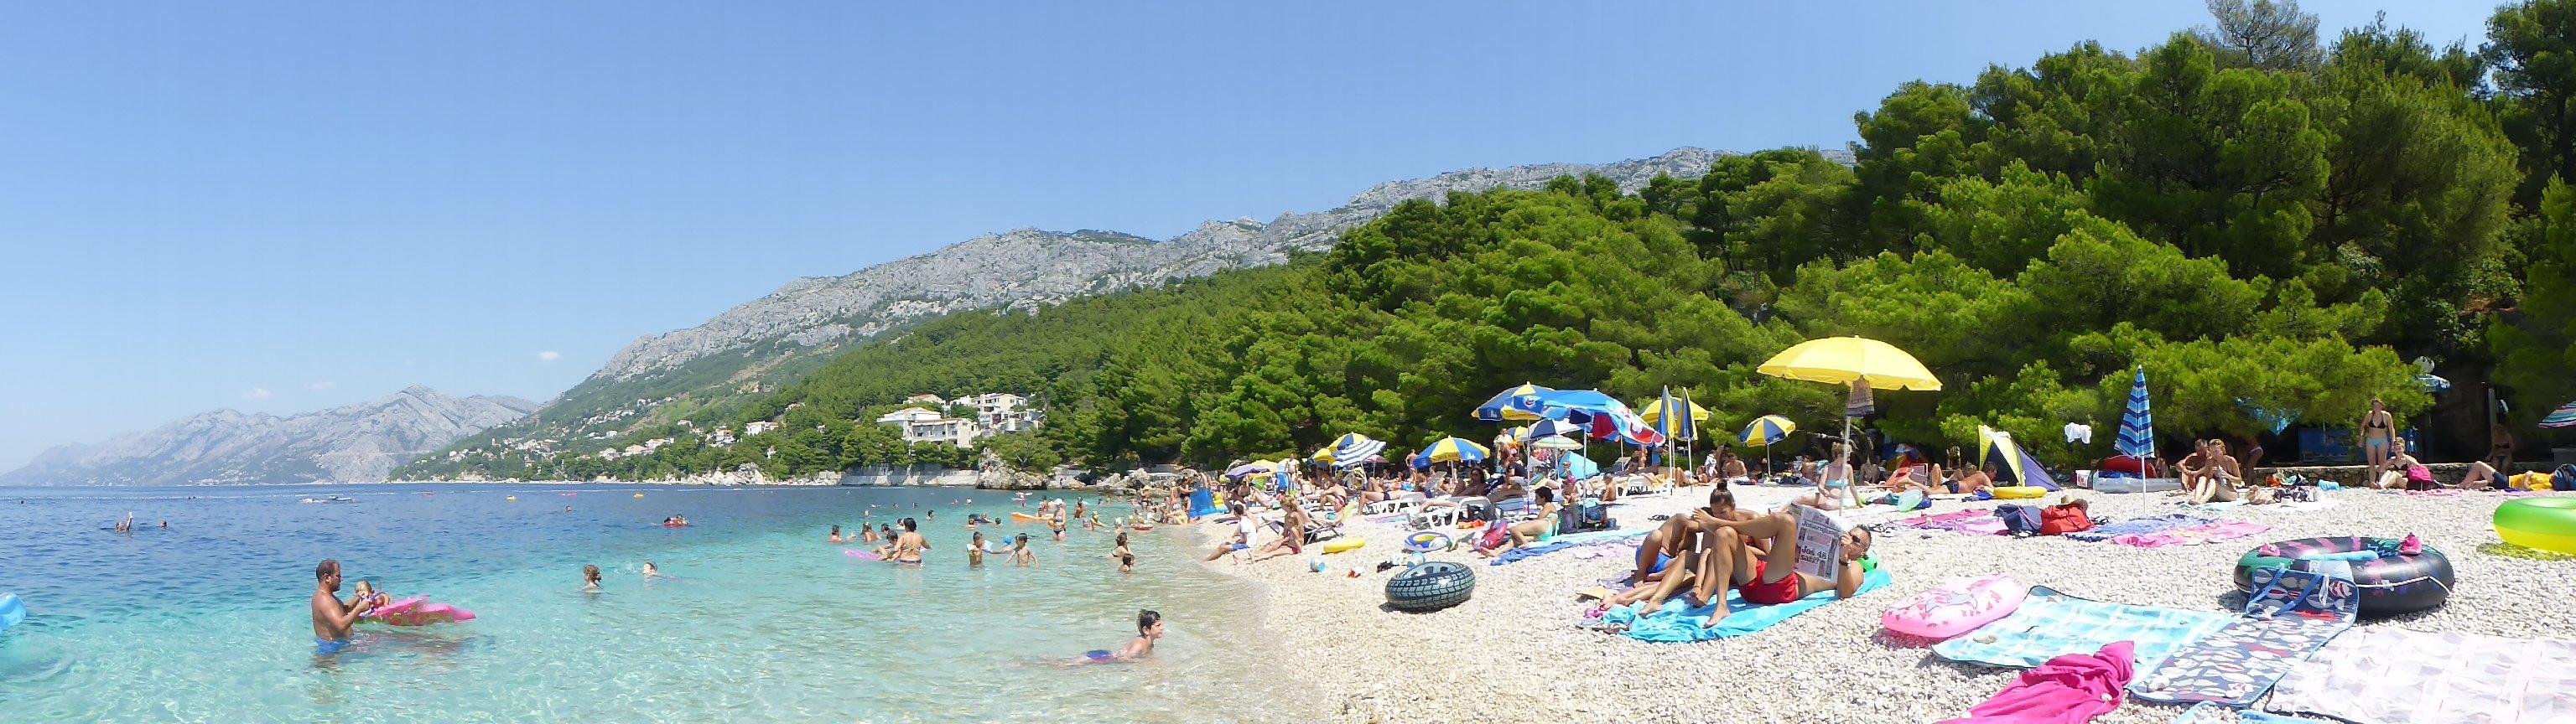 punta_rata_croazia